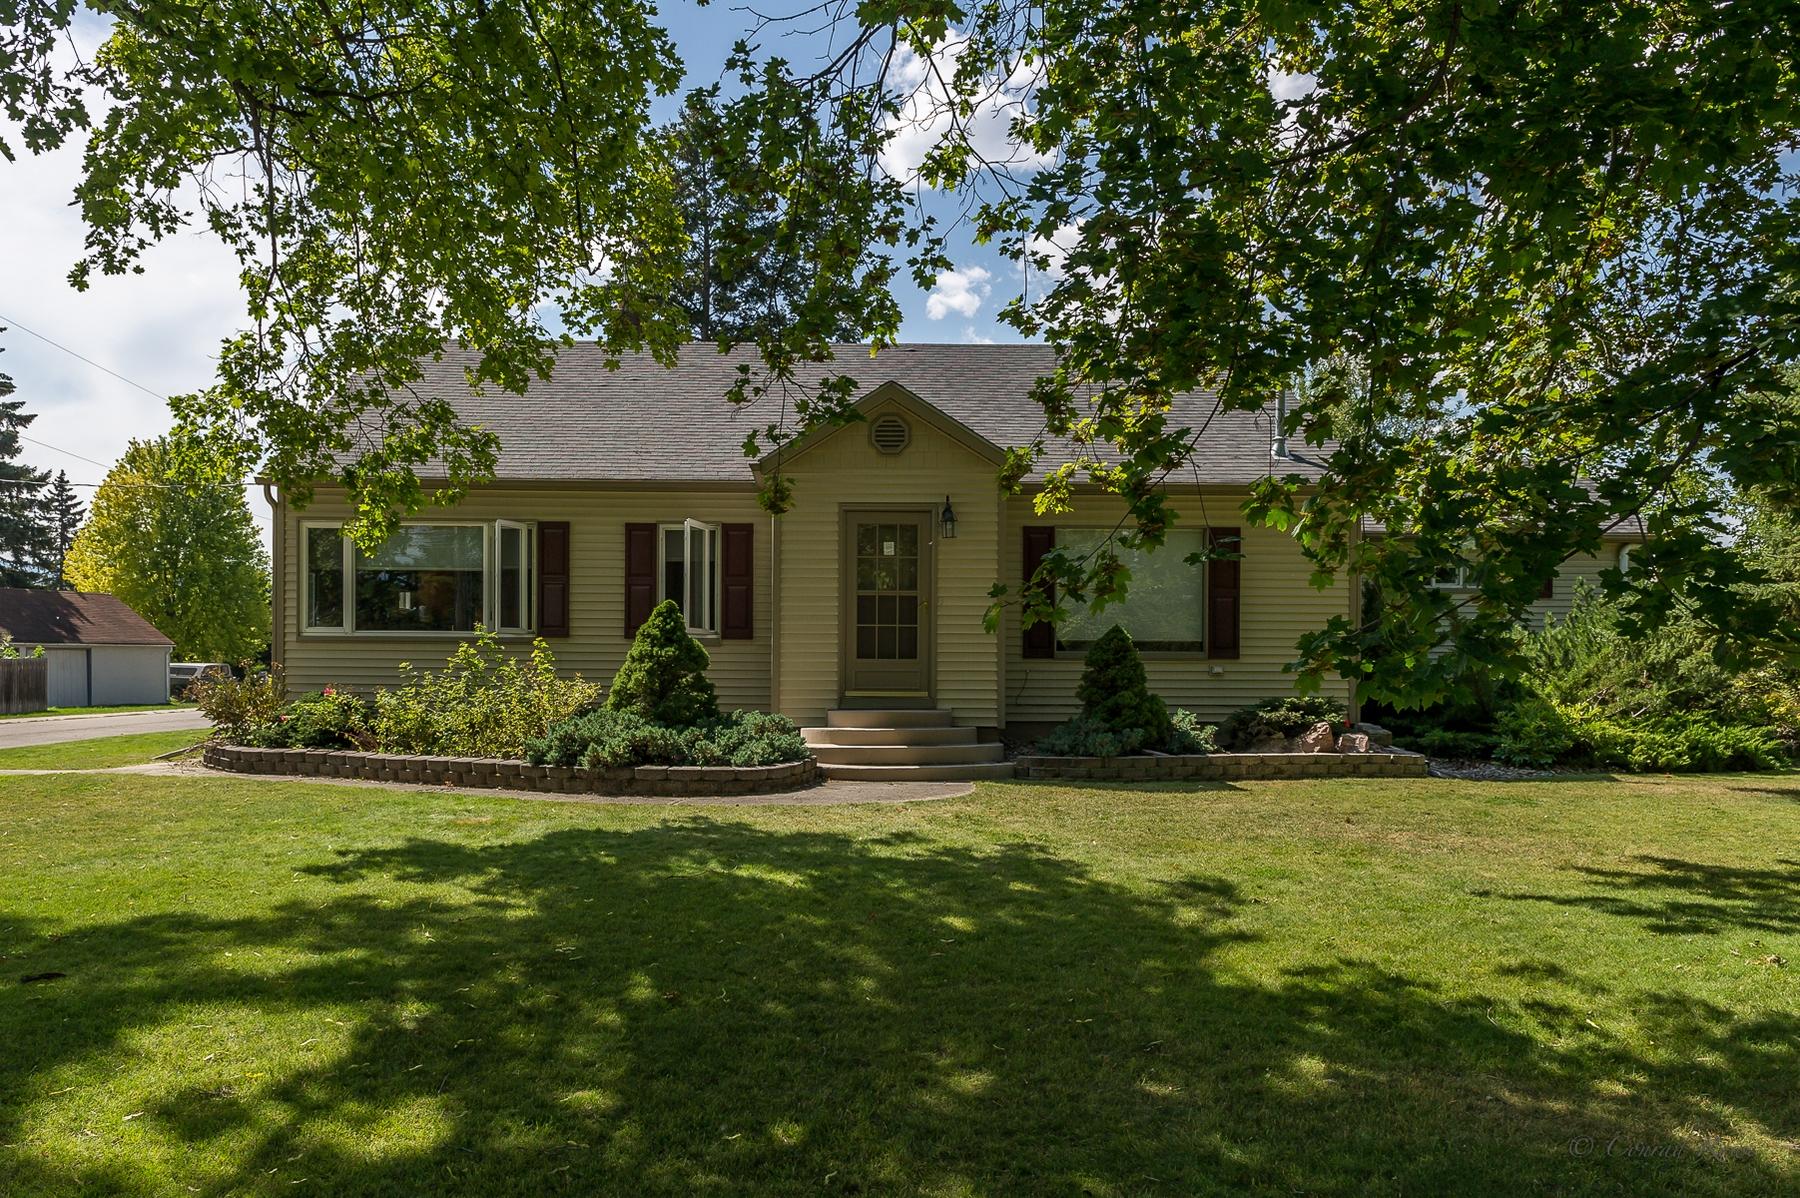 Einfamilienhaus für Verkauf beim 1422 Woodland Ave , Kalispell, MT 59901 1422 Woodland Ave Kalispell, Montana, 59901 Vereinigte Staaten